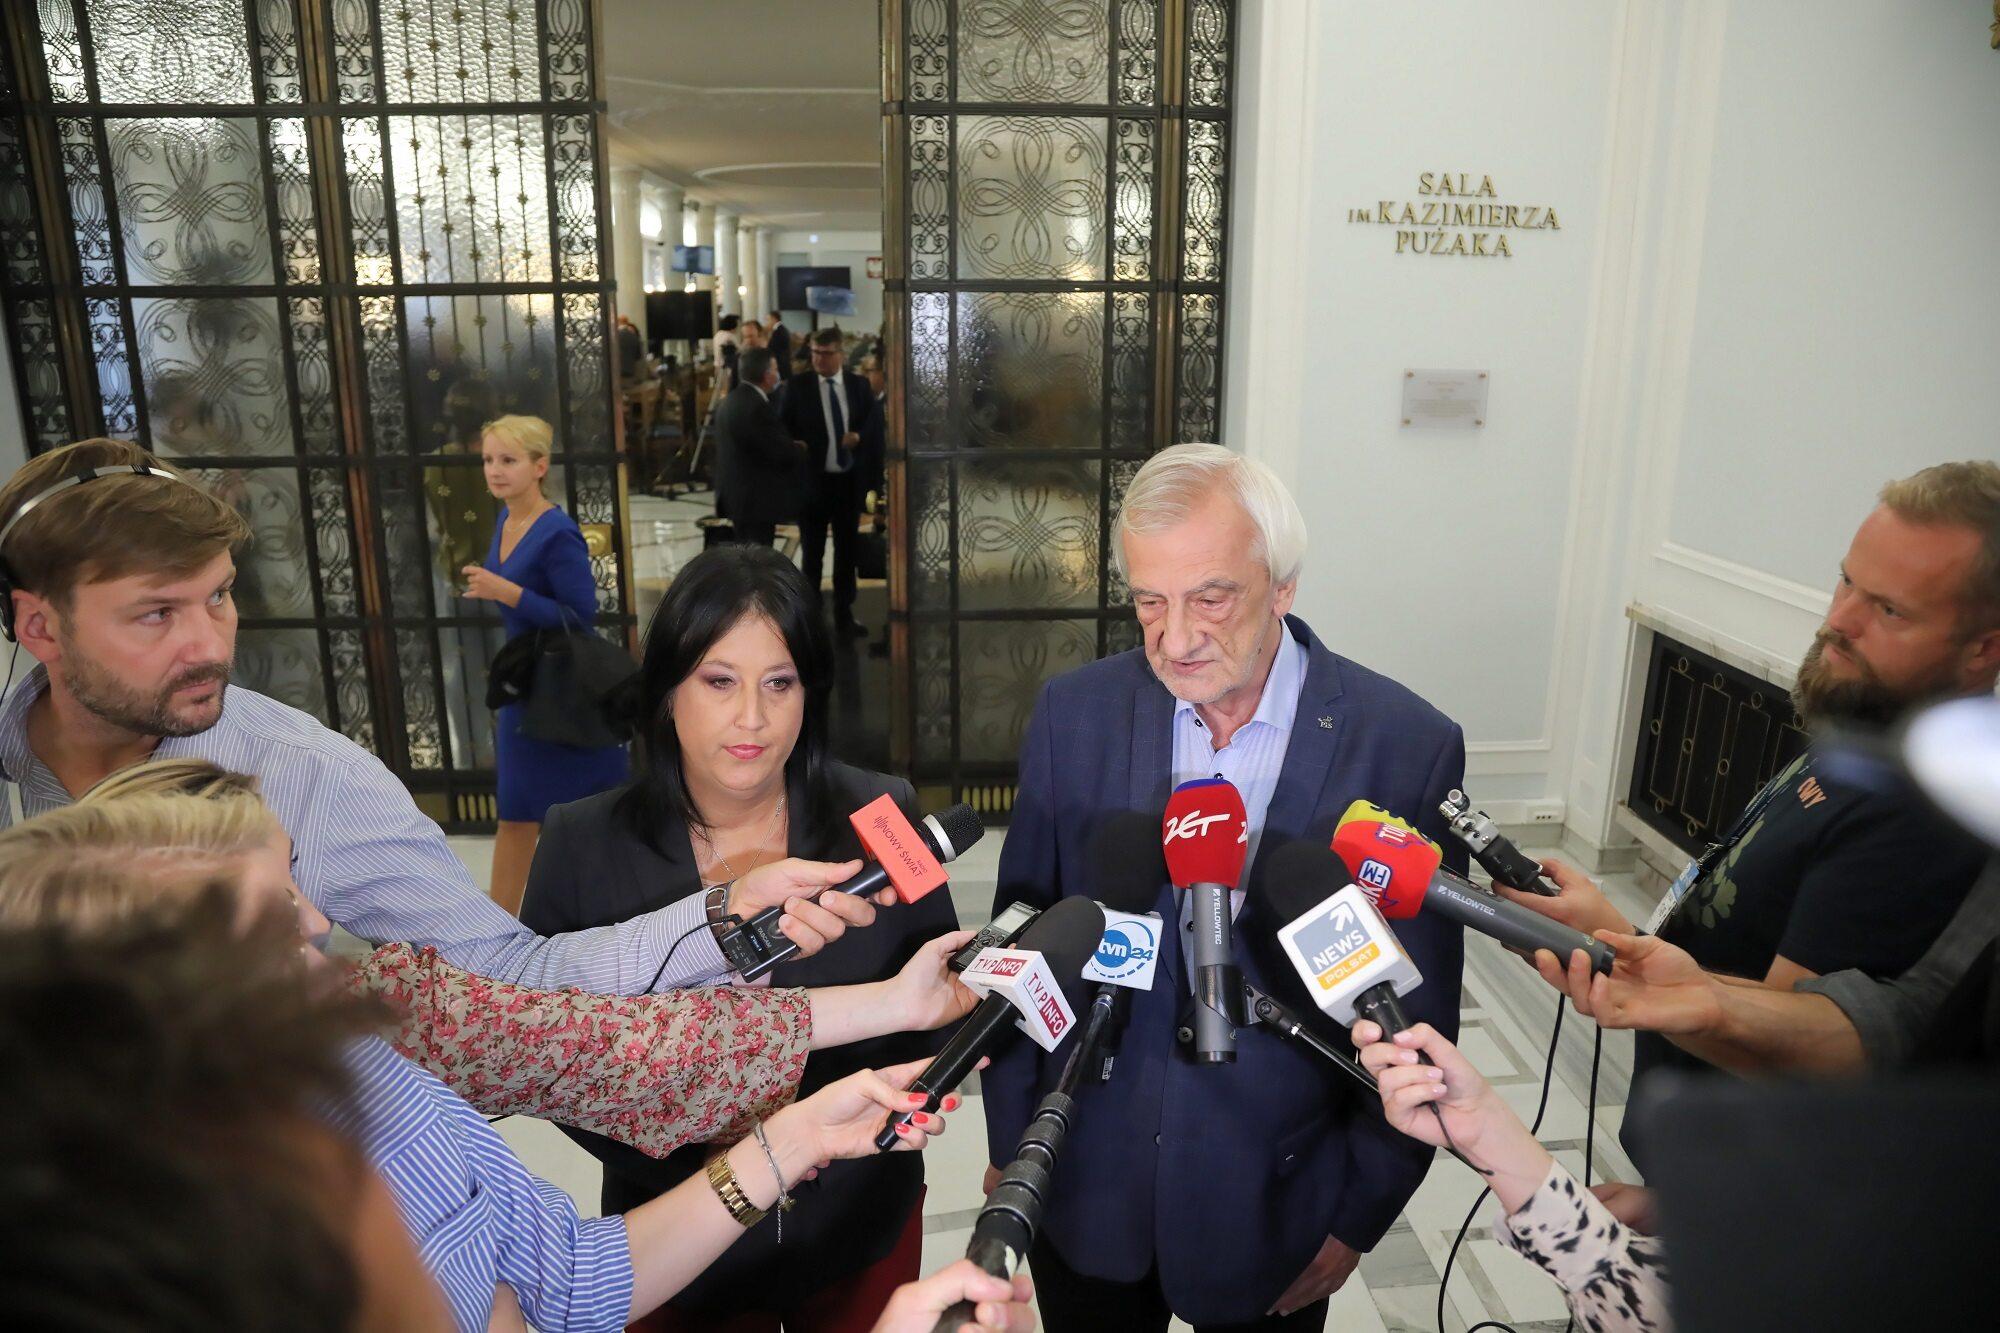 Wicemarszałek Sejmu Ryszard Terlecki (C-P) oraz rzecznik prasowy PiS Anita Czerwińska